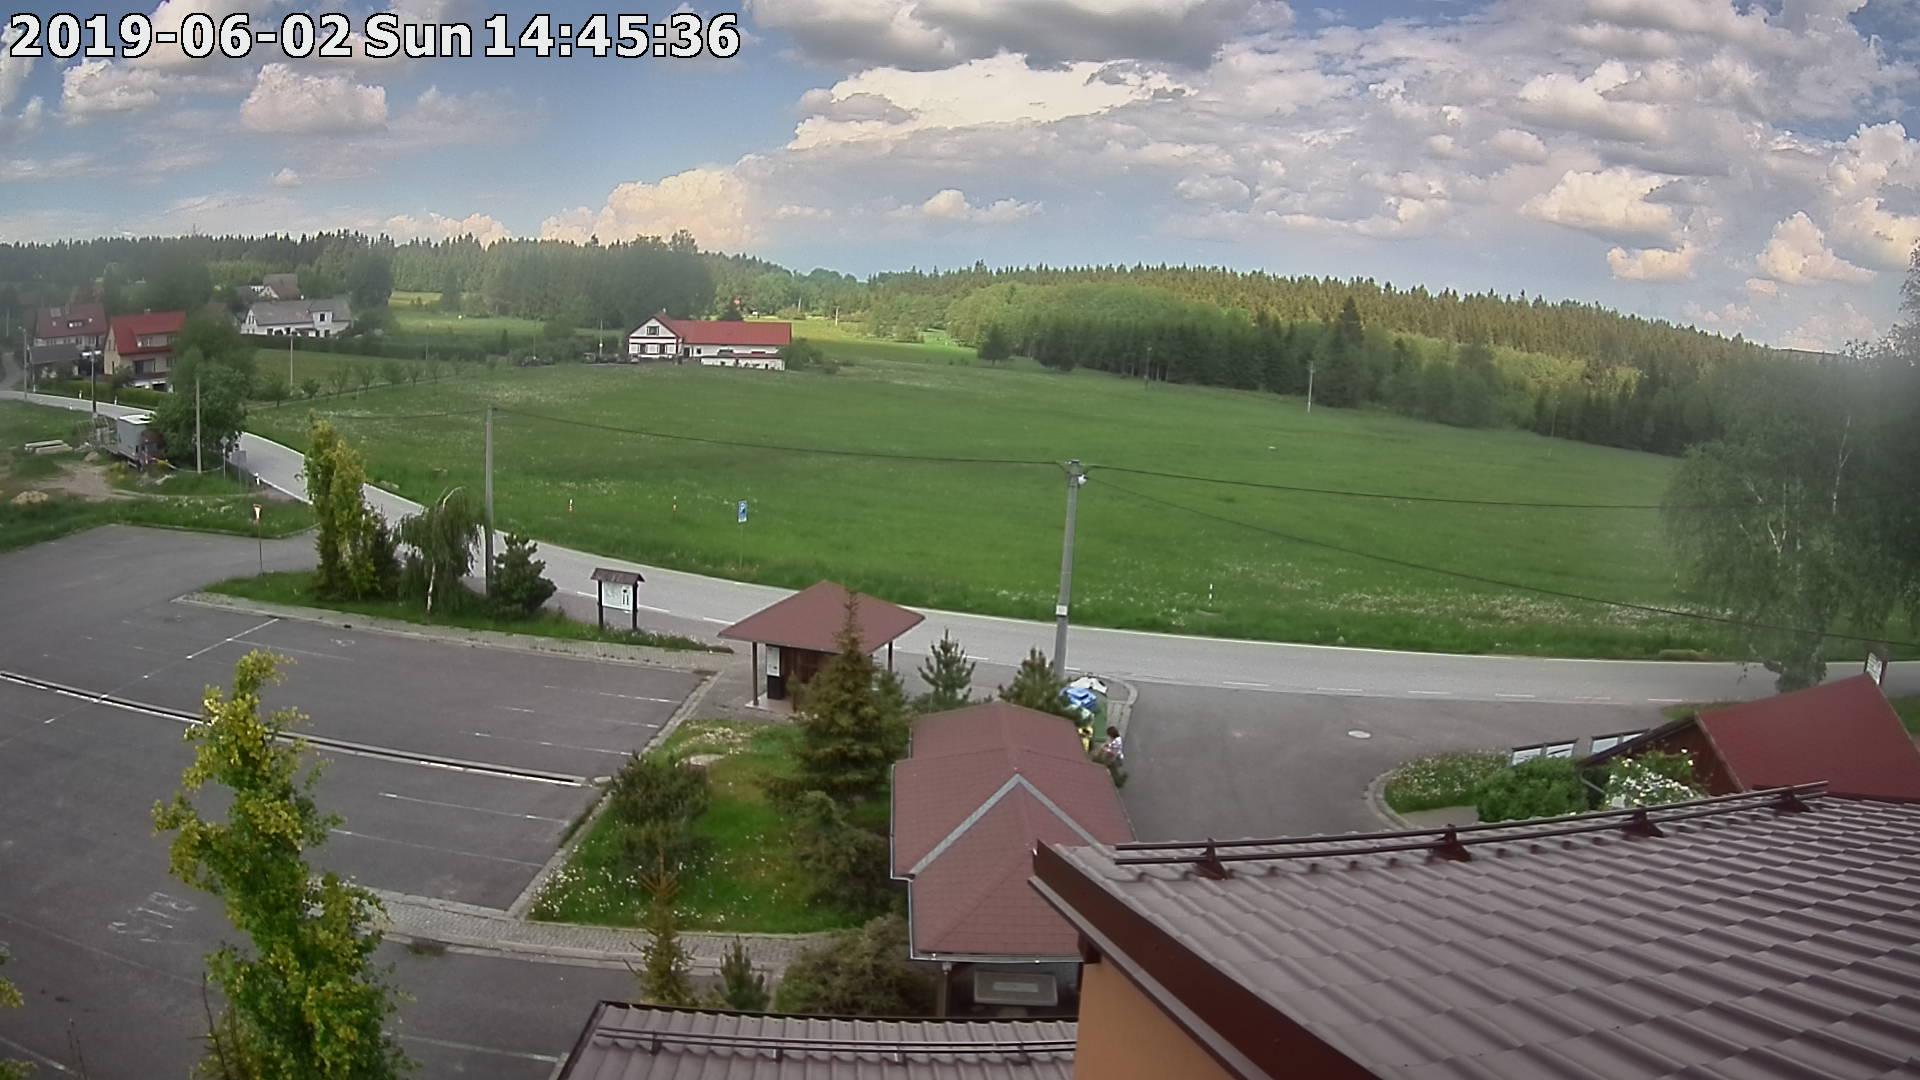 Webkamera ze dne 02.06.2019